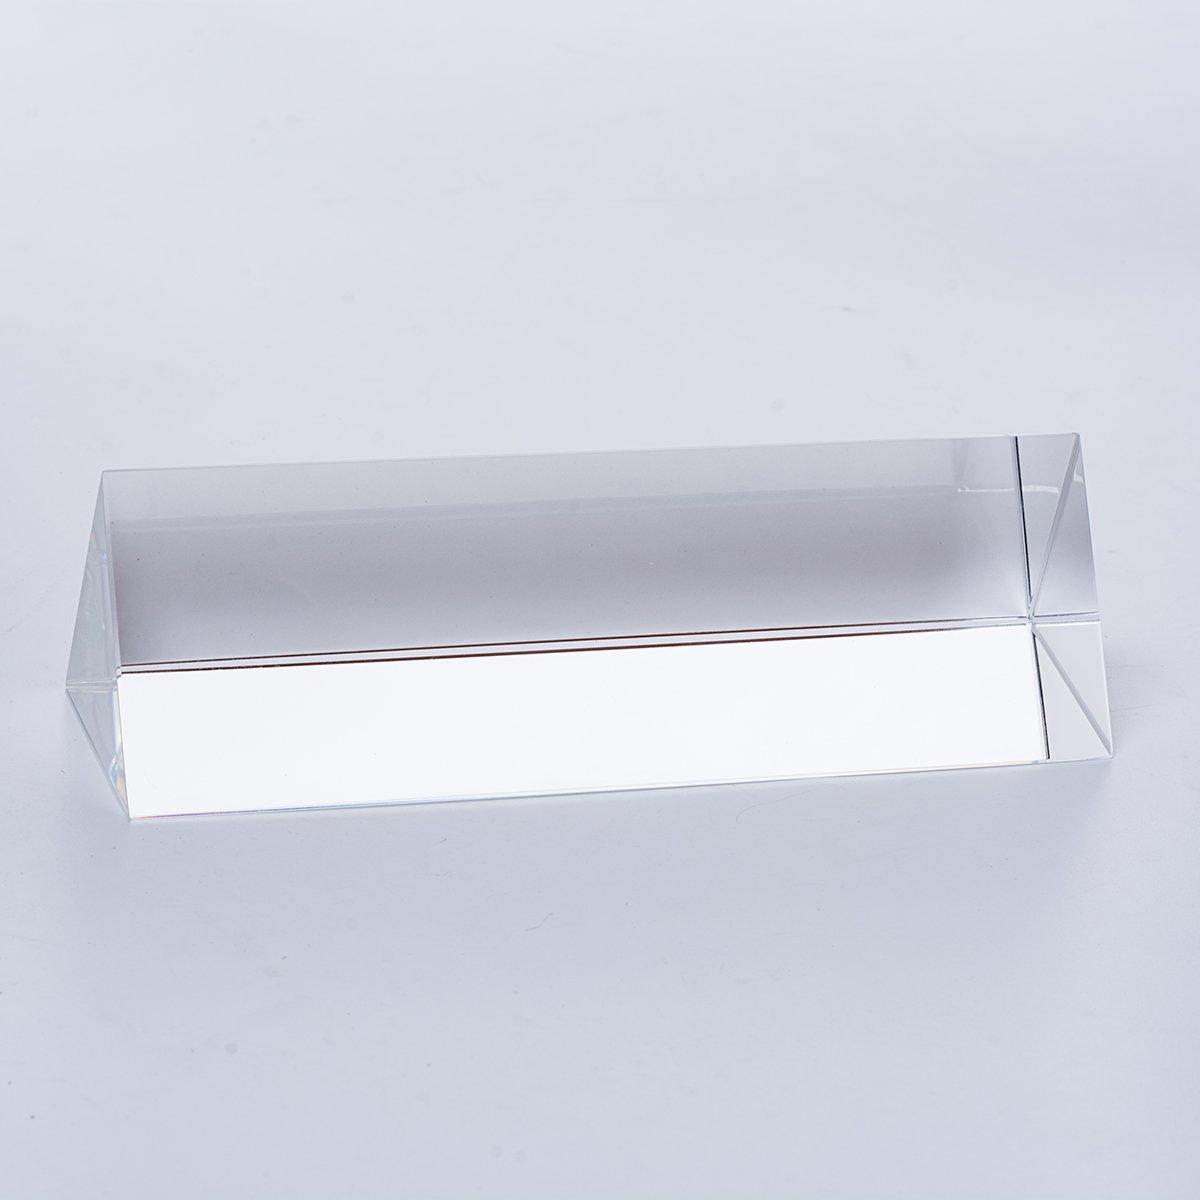 LONGWIN Cristal Triangular Prisma Triple Prisma para la Ense/ñanza Fotograf/ía Props Luz Solar Reflejo con Caja de Regalo 5*5*15CM